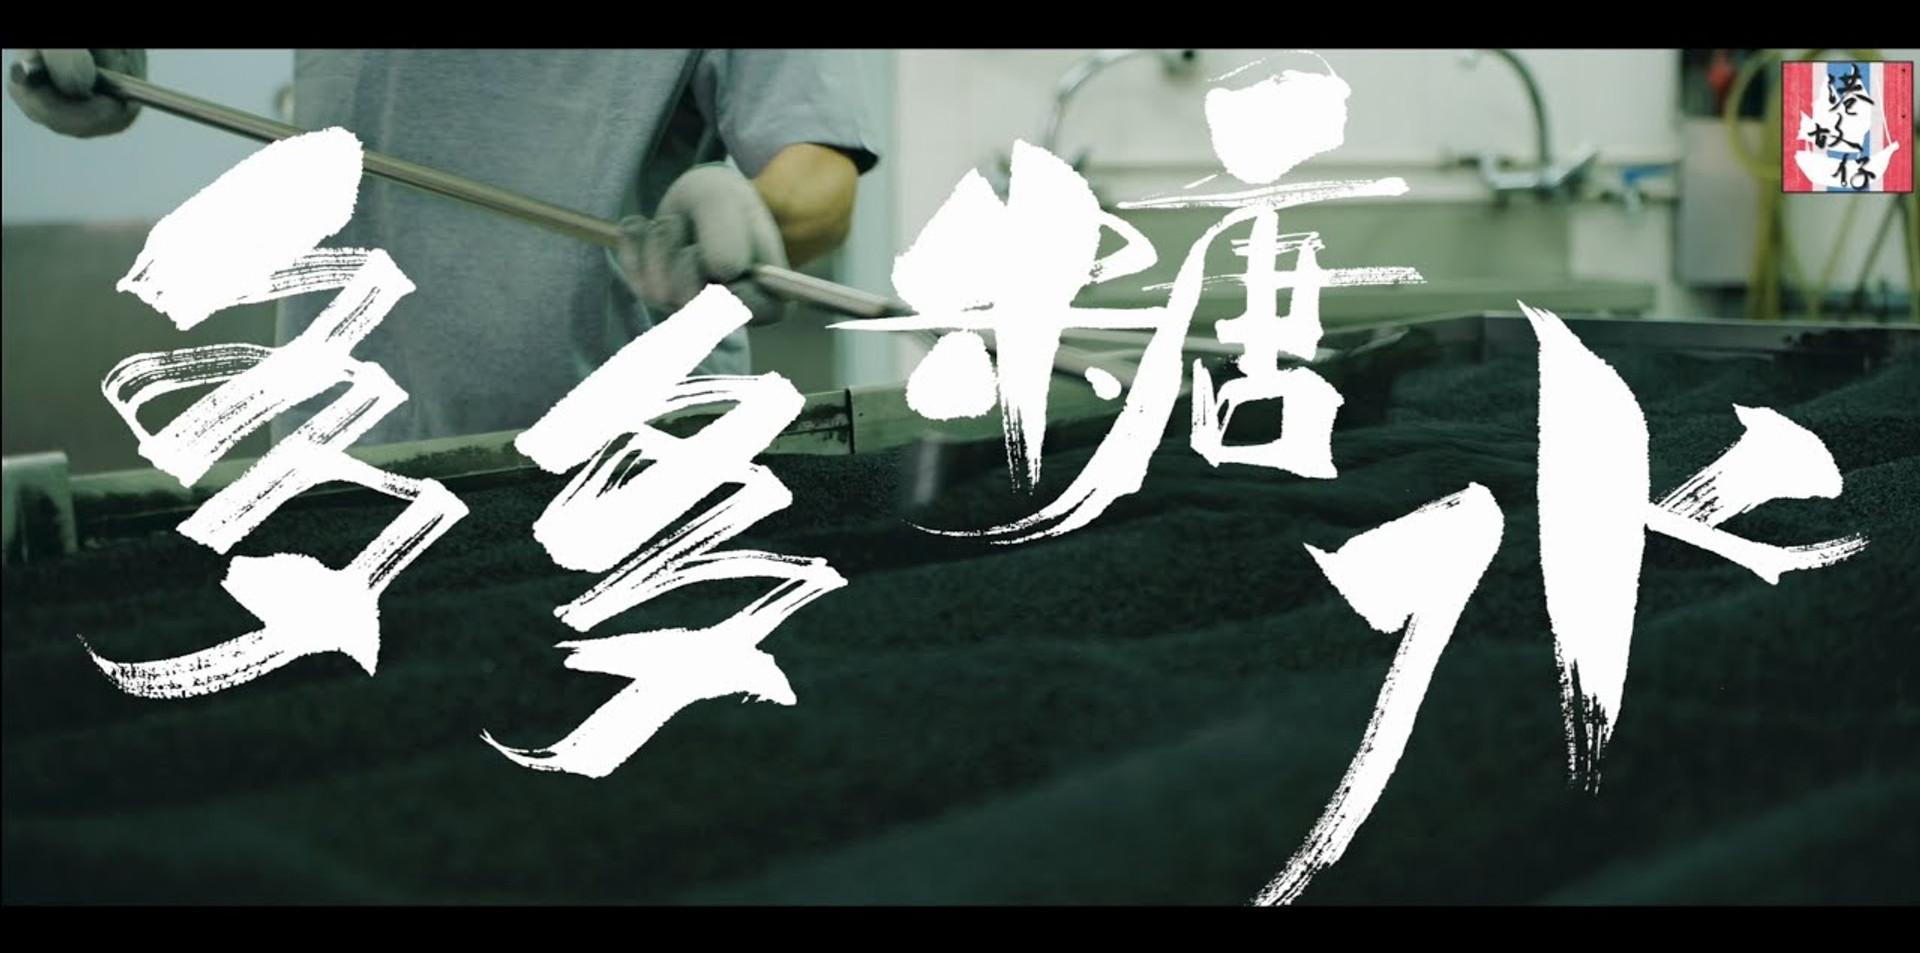 2.71 #多多糖水 #Diana #蘇沖太 #周芷晞